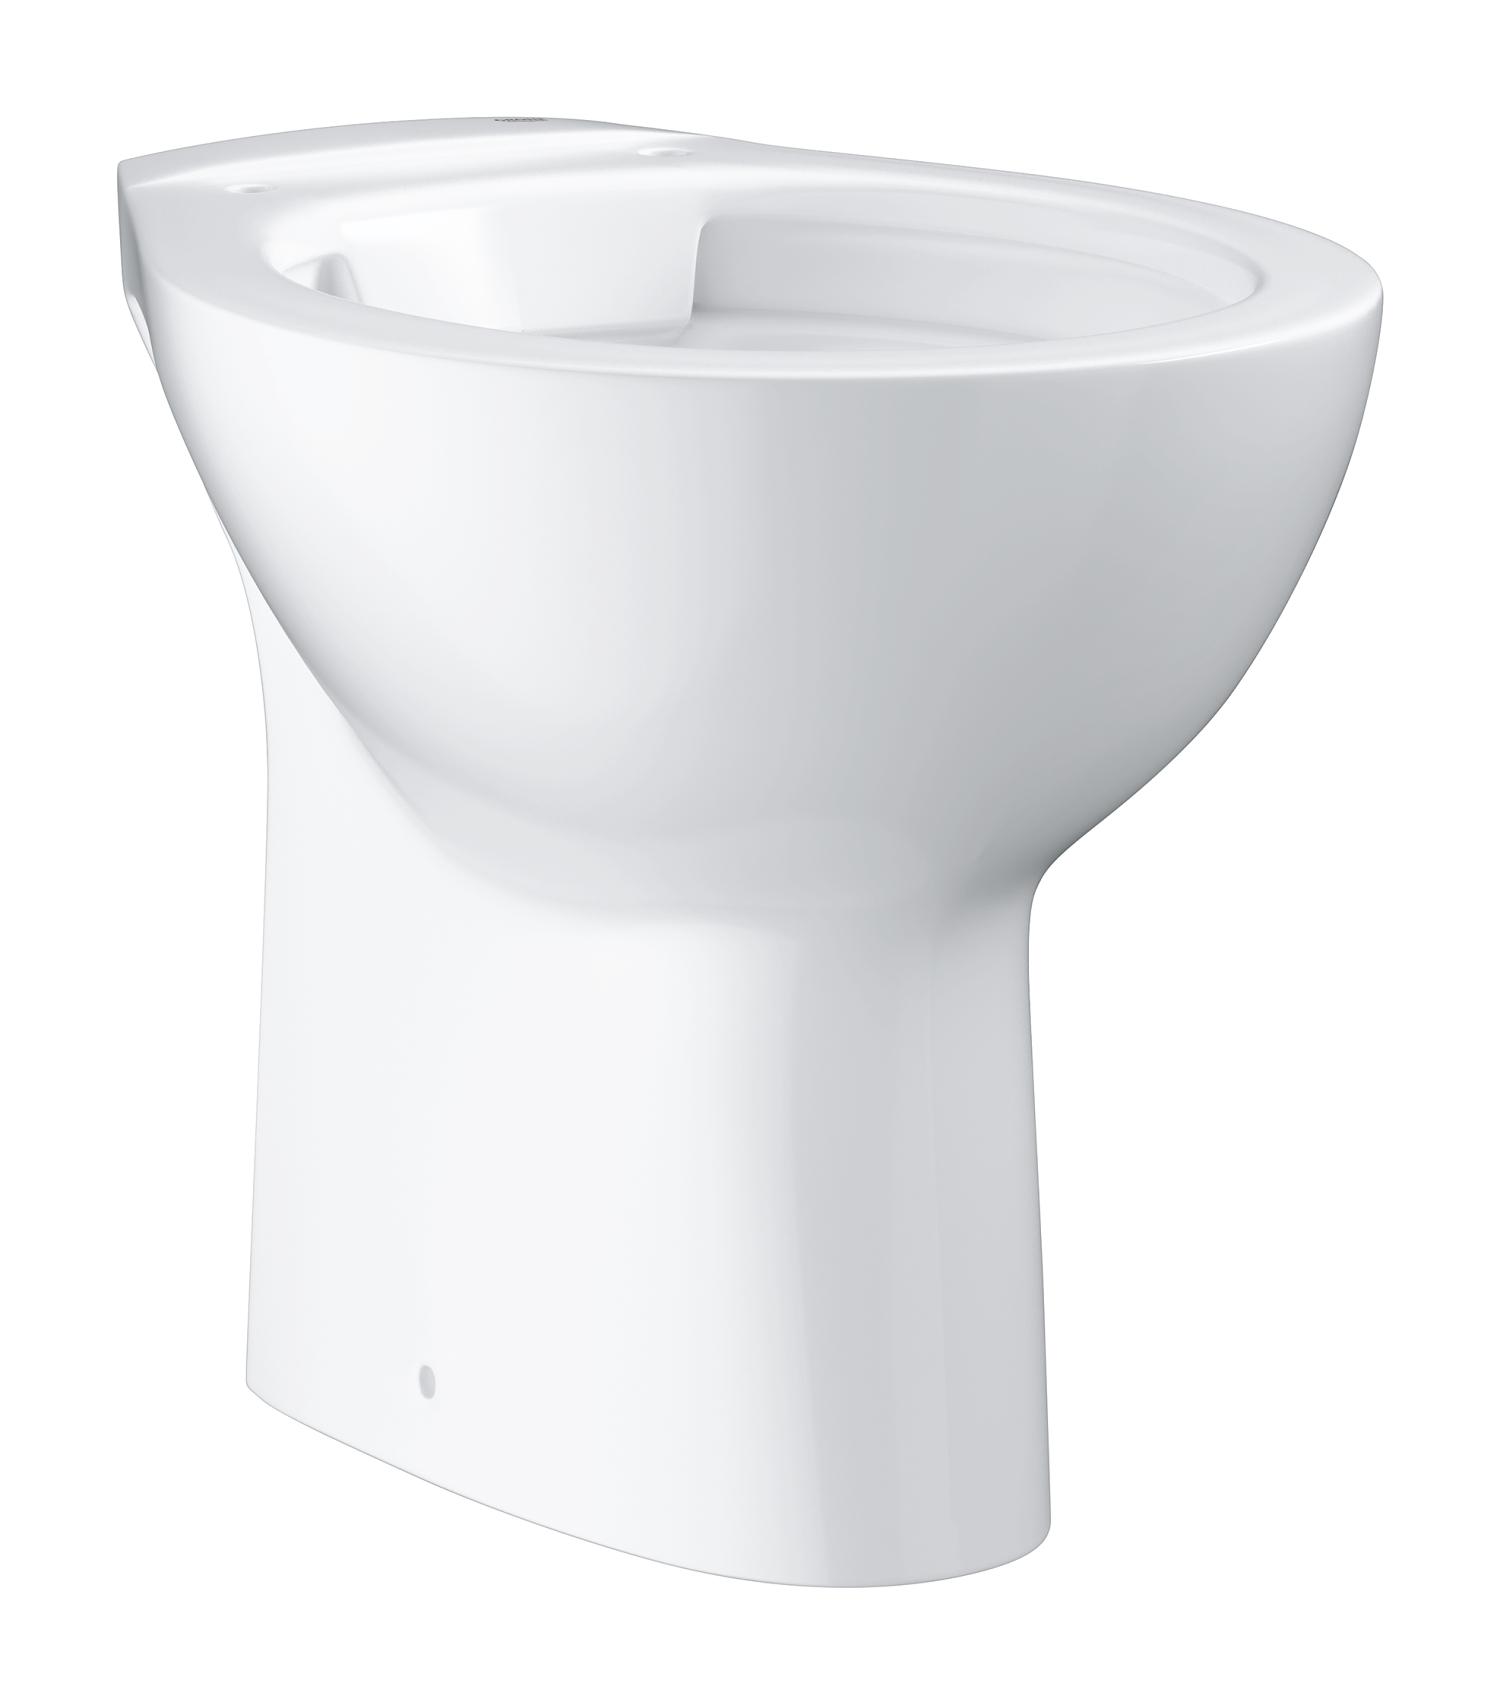 GROHE Bau Ceramic - miska WC stojąca 39431000